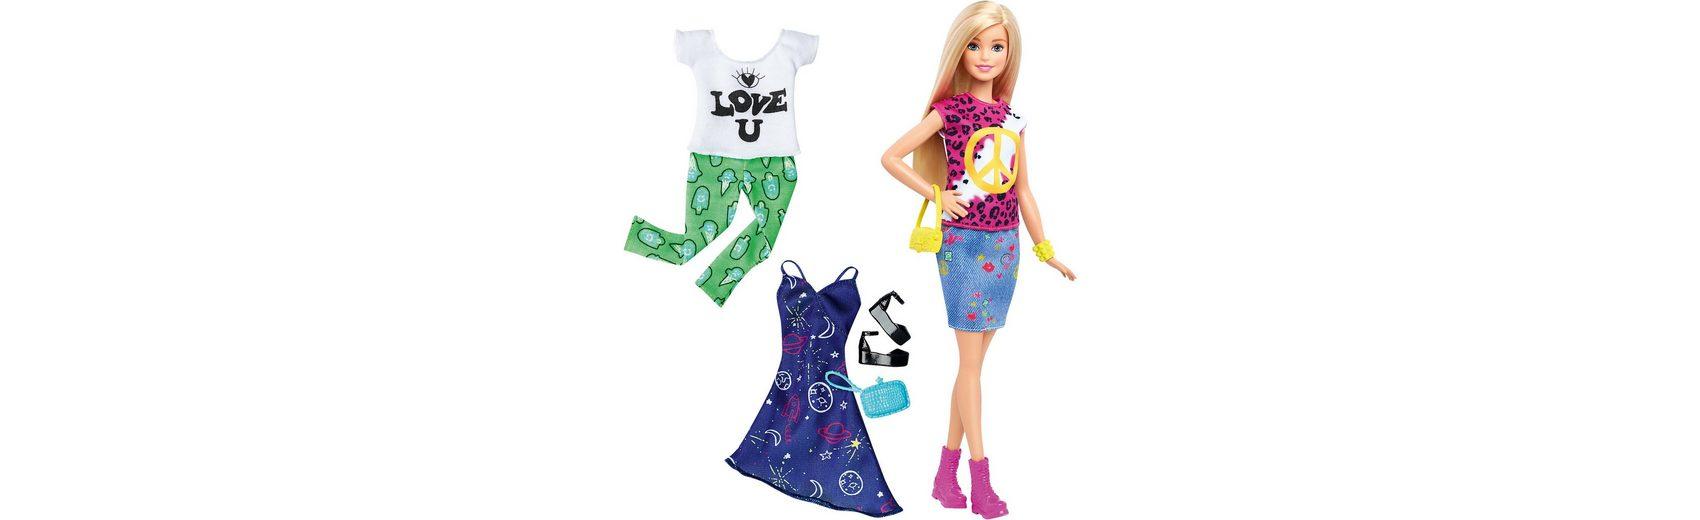 Mattel Barbie Fashionistas Style Puppe und Moden Peace & Love